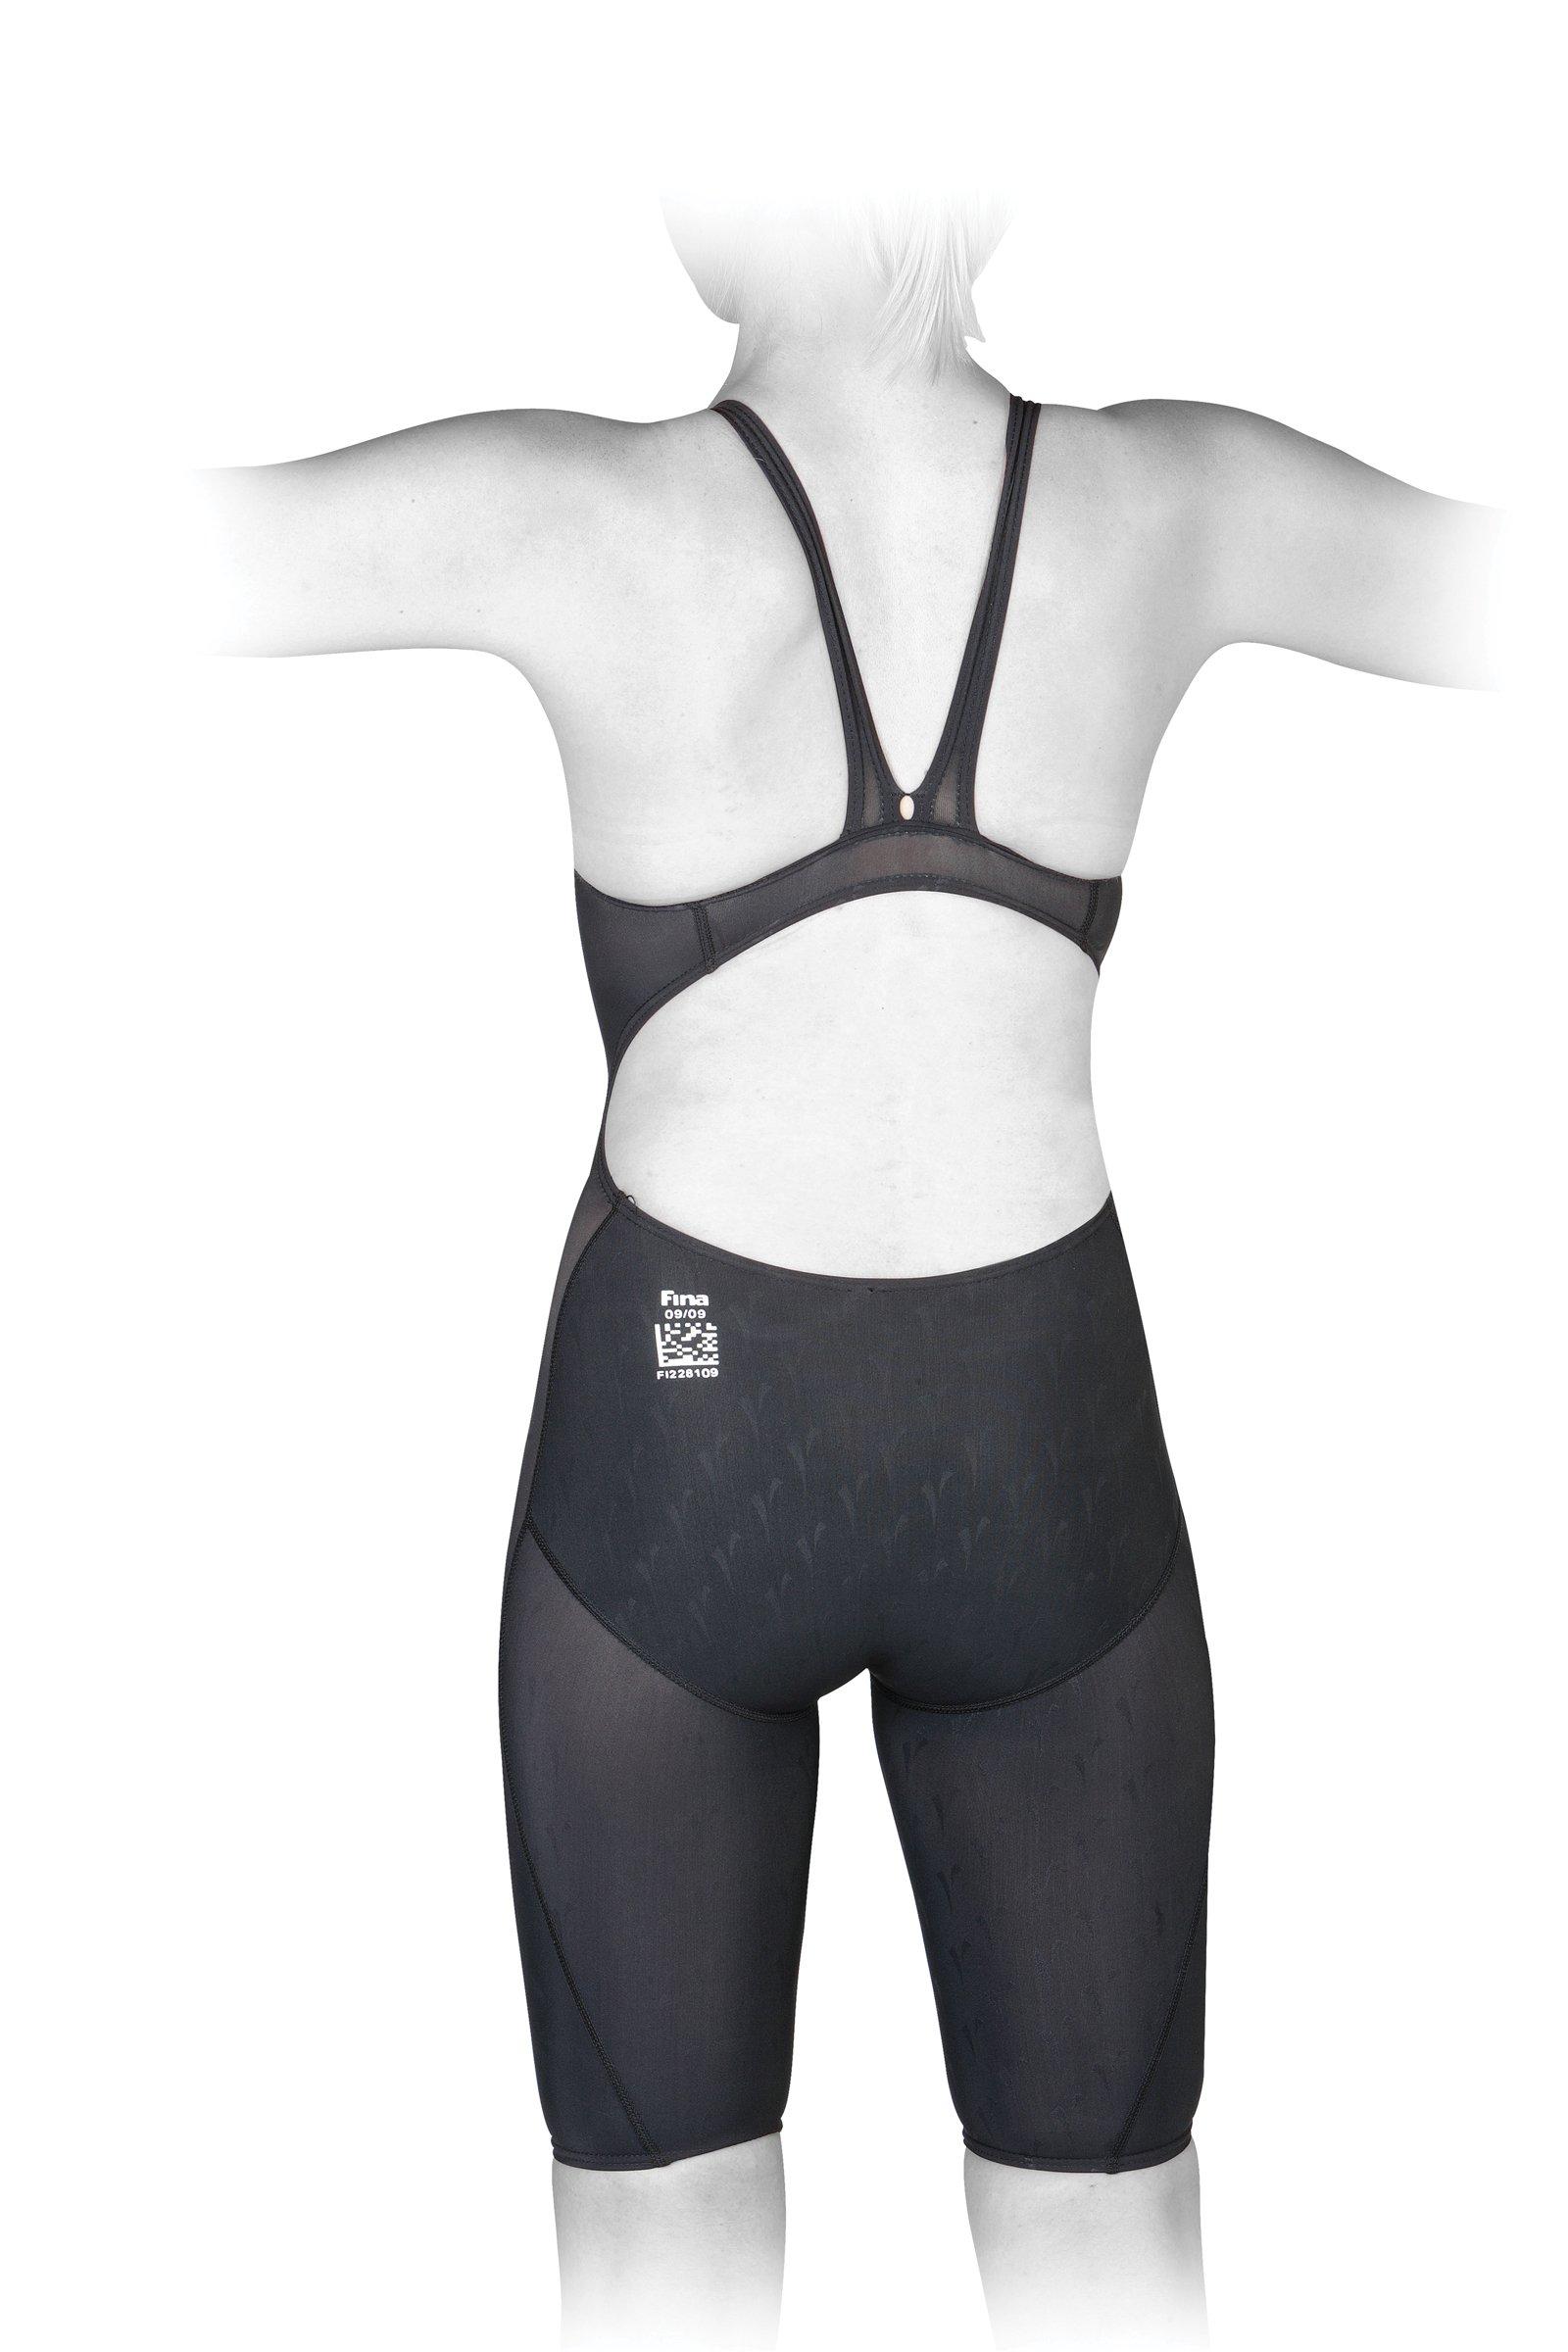 Finis Women's Hydrospeed 2 Race John Swimsuit (Black, 30) by FINIS (Image #2)